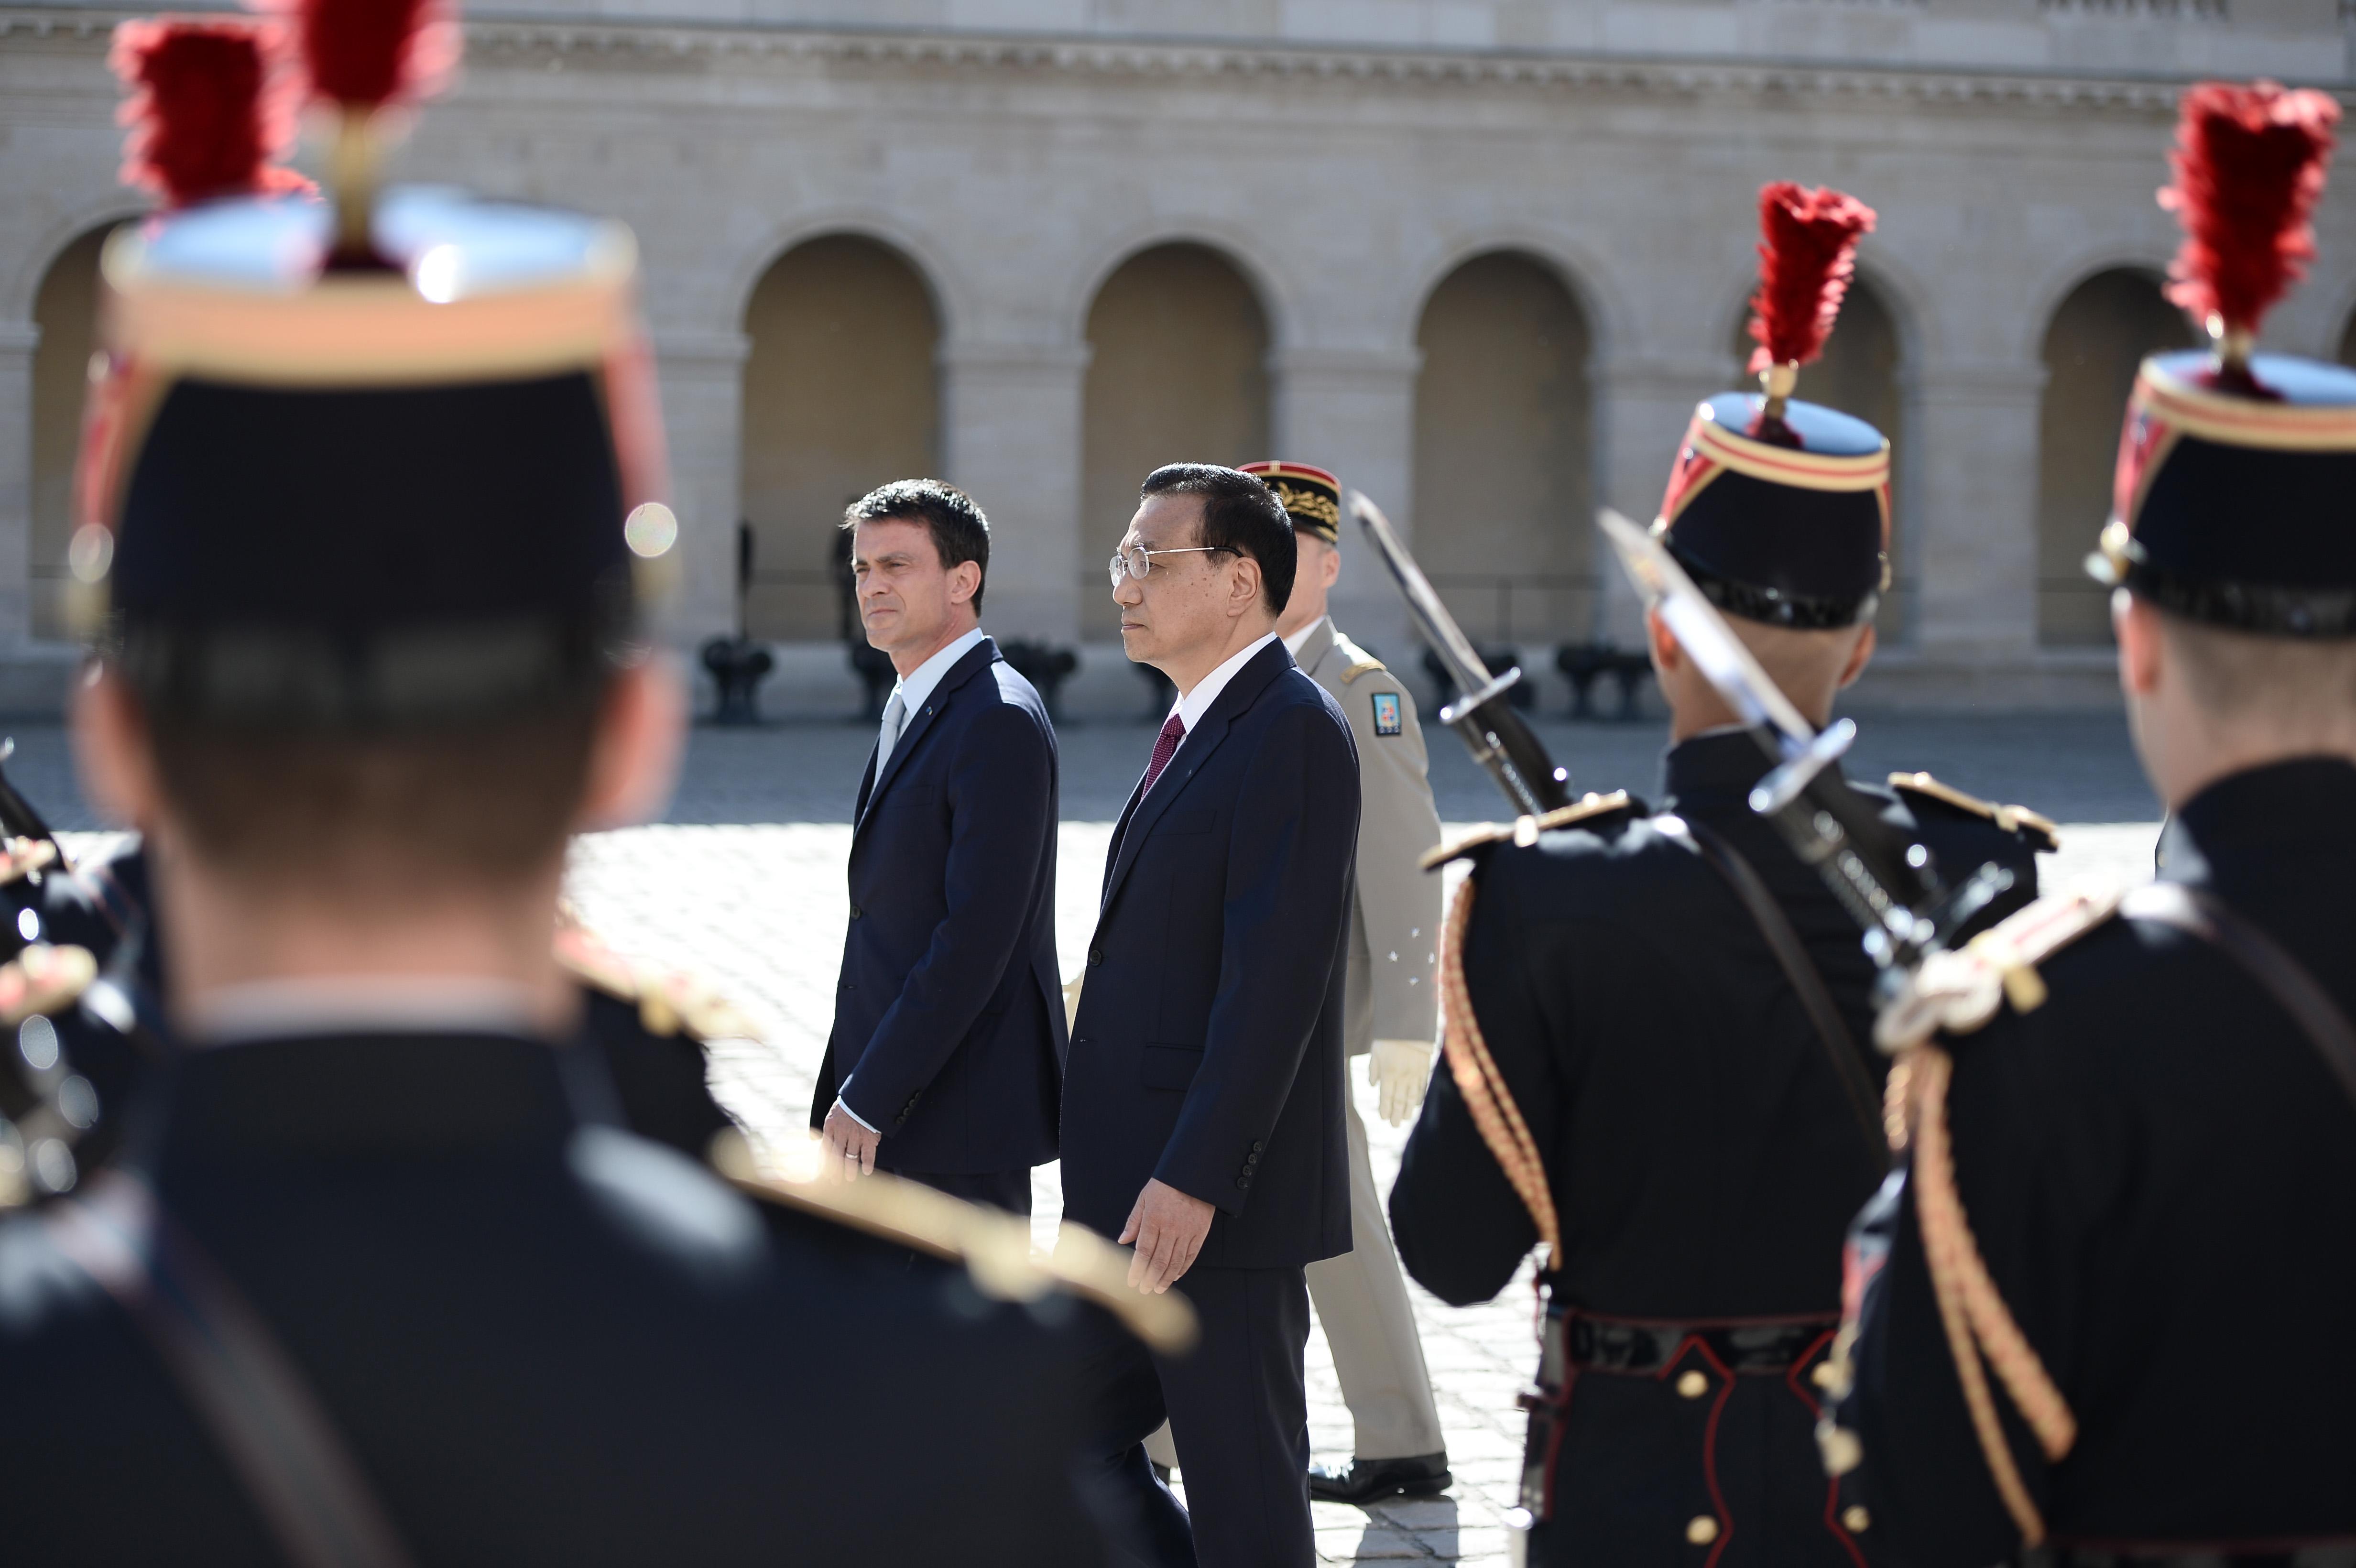 李克強訪法,法國總理瓦爾舉行歡迎儀式。(美聯社)